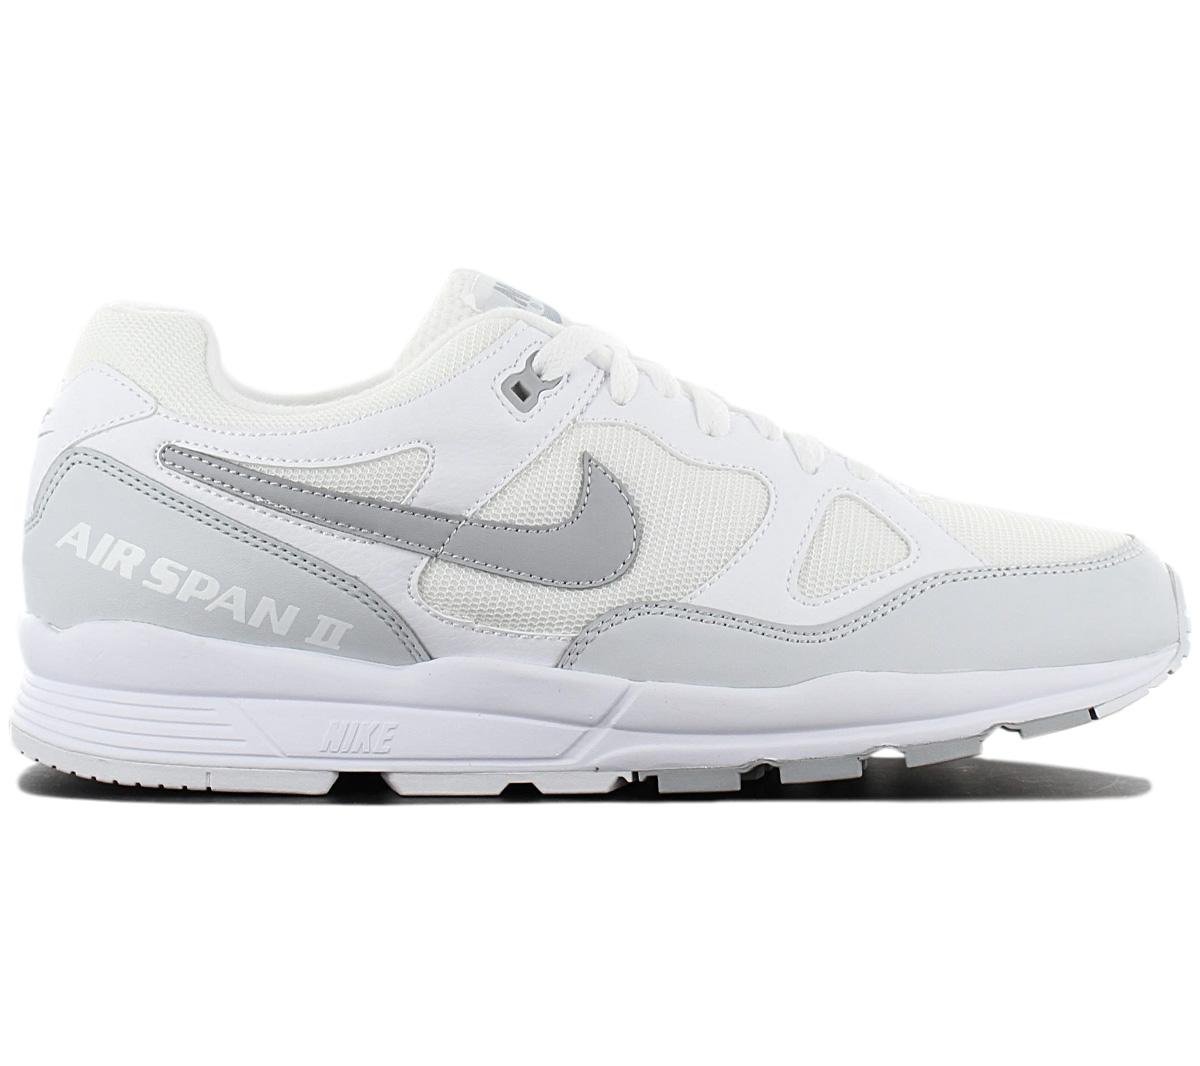 Nike Detalles Span Hombre Ocio Sneaker De Air Ah8047 105